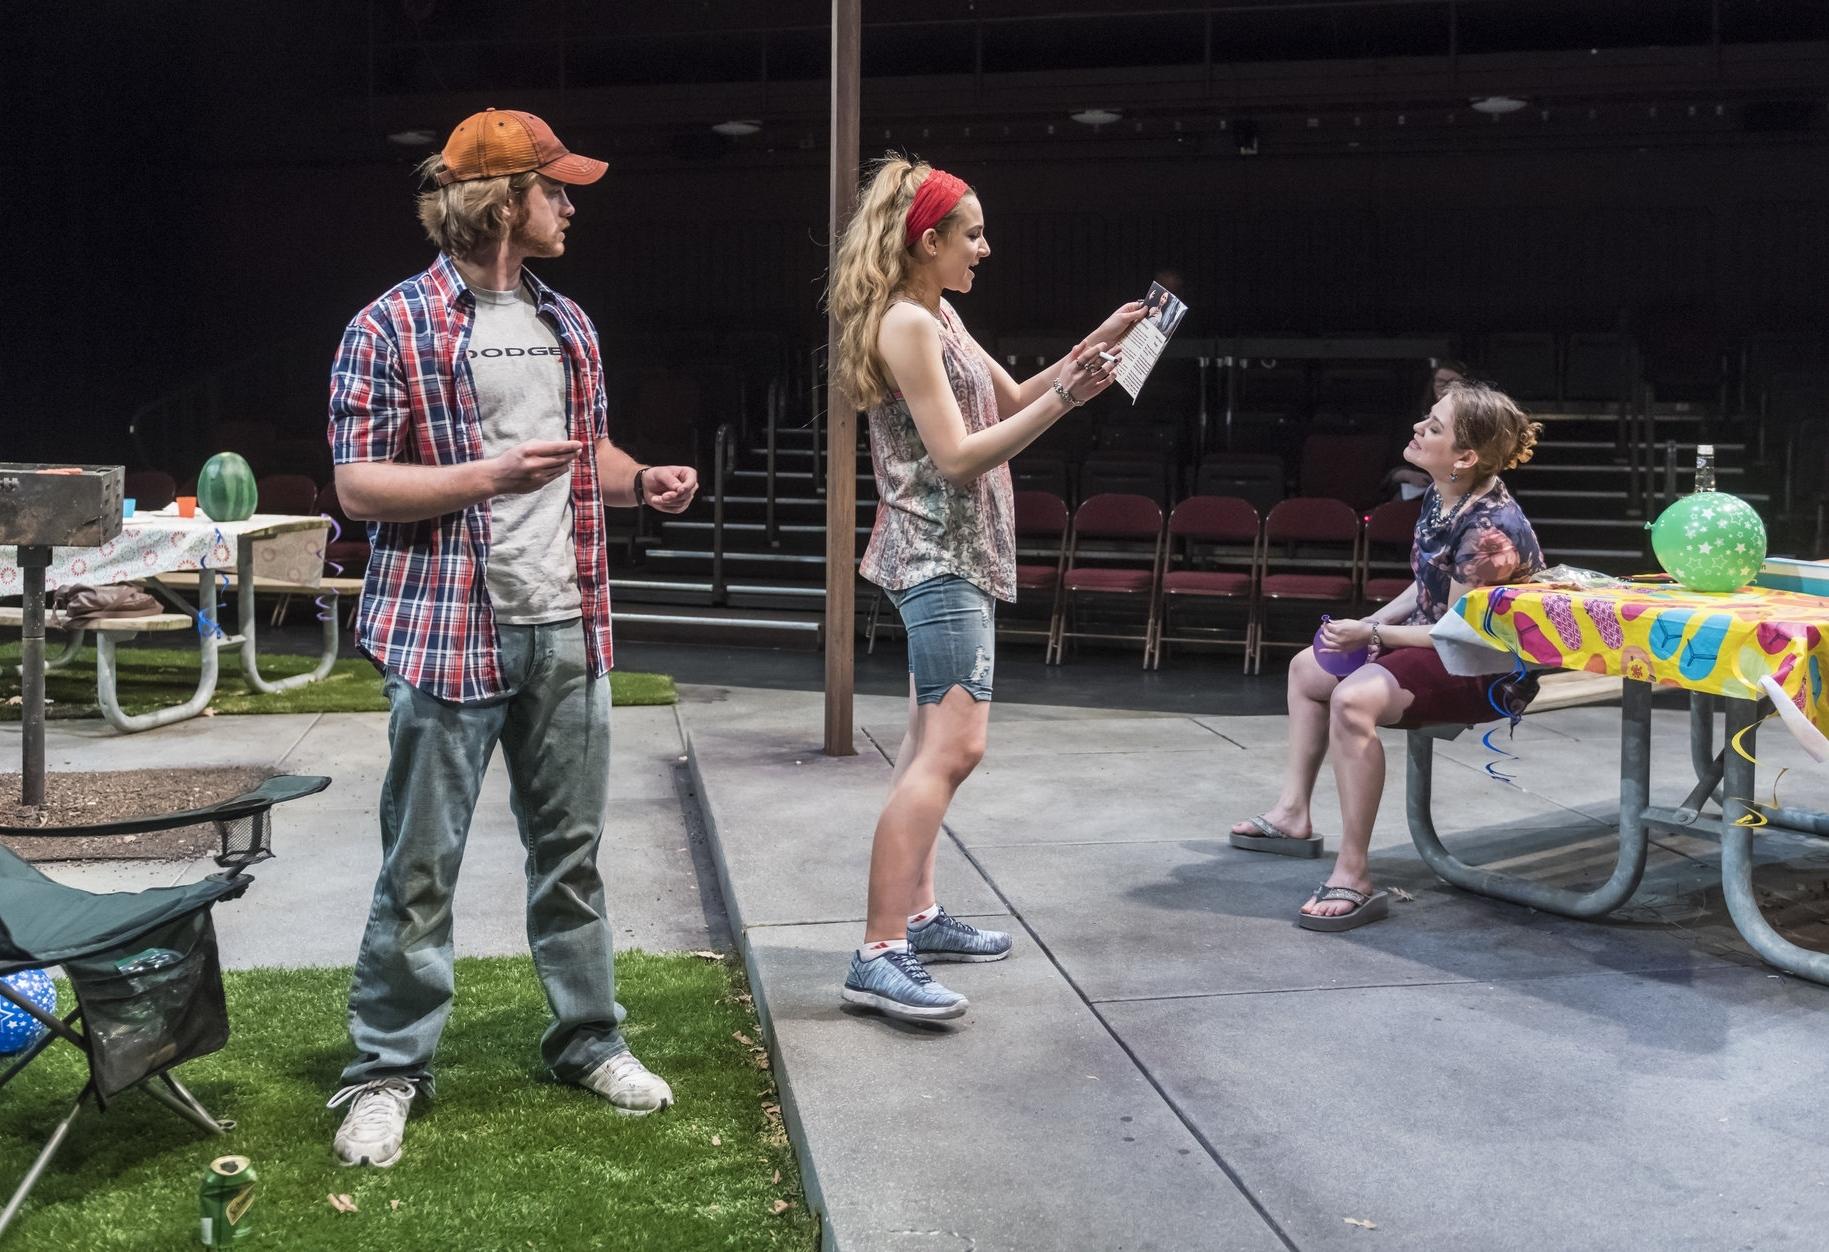 James T (Patrick Weber), Adlean (Kathleen Sullivan), and Lillie Anne (Elana Weiner-Kaplow)